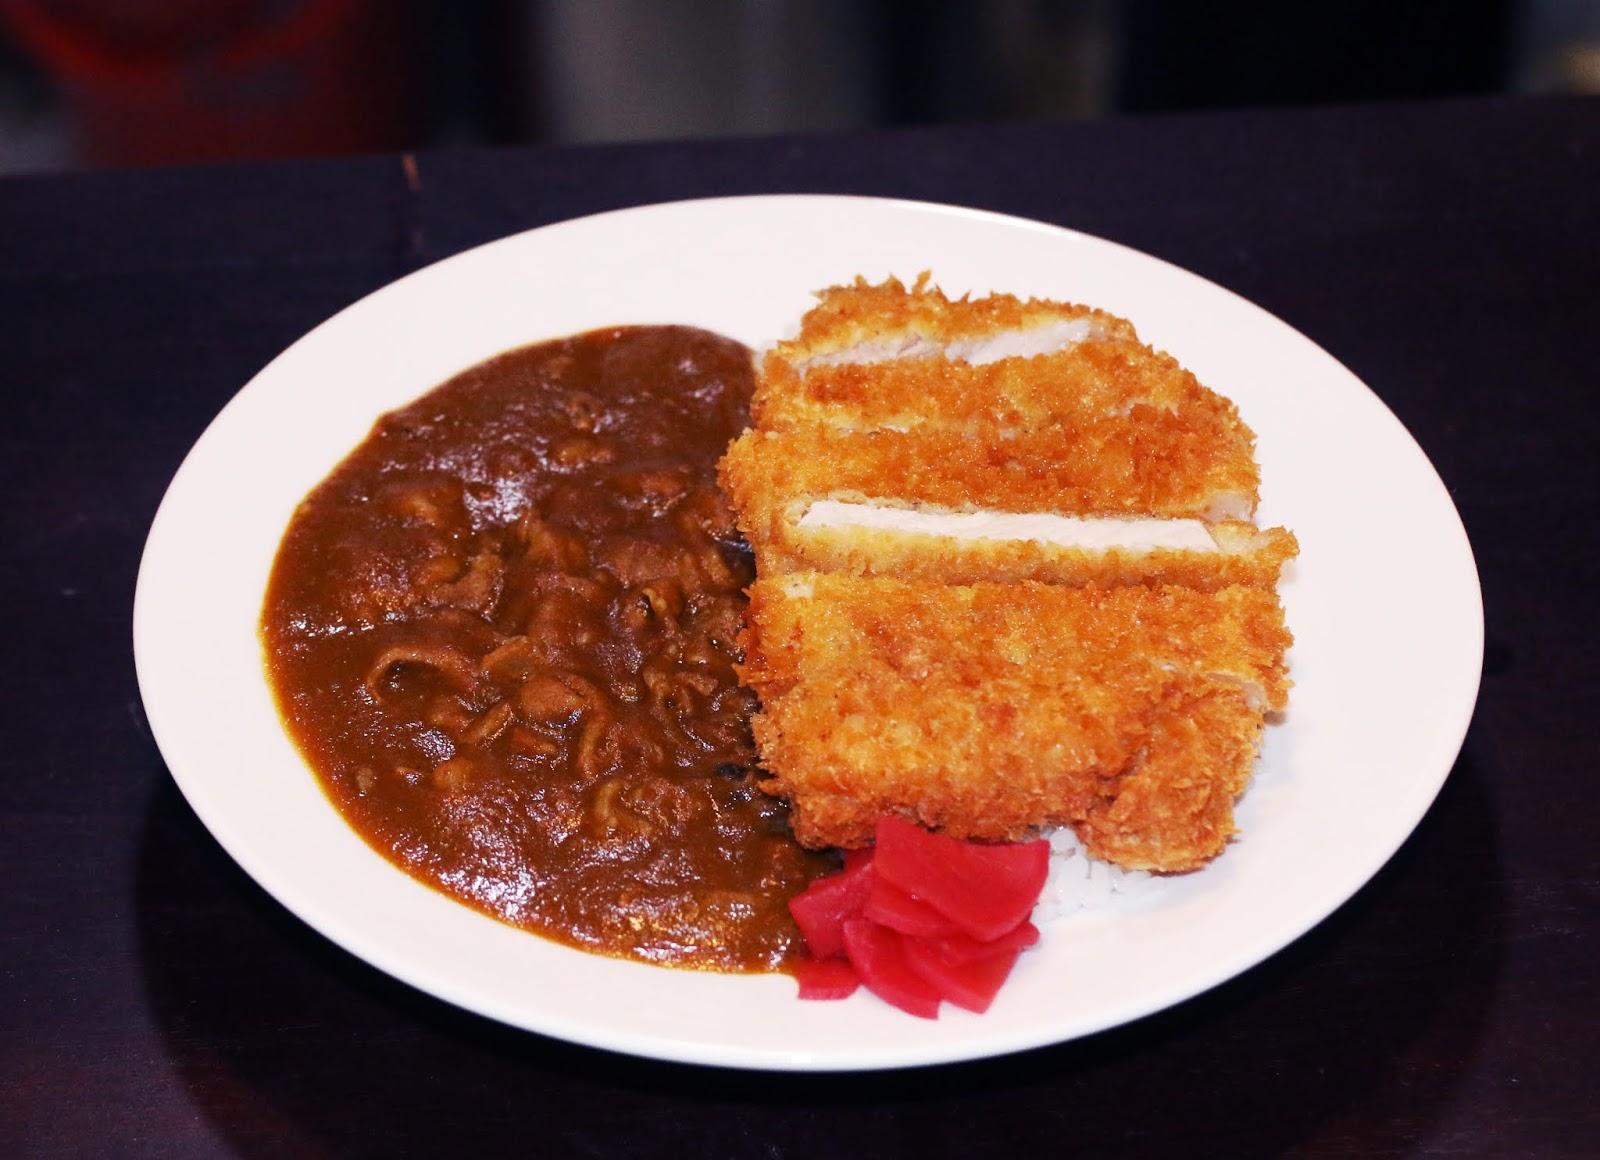 Curry with rice pork (cơm cari với thịt heo chiên)